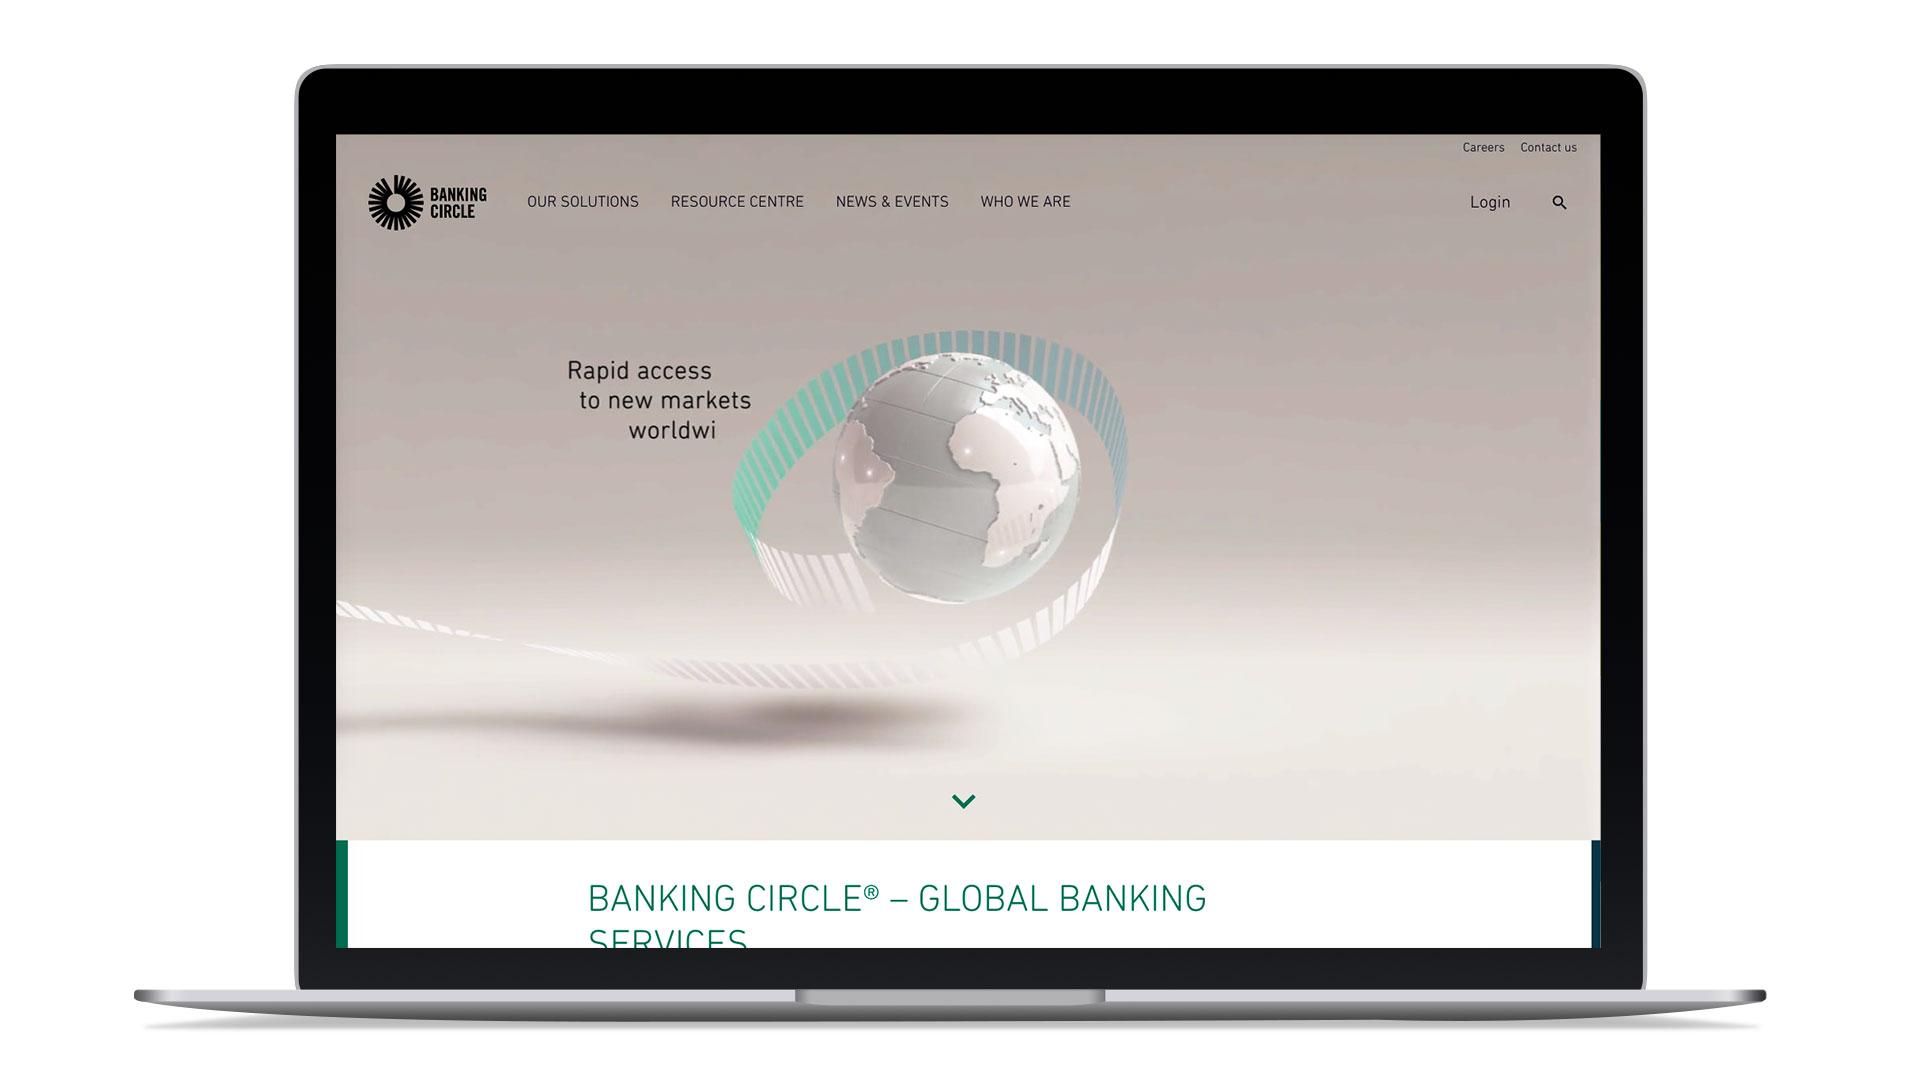 banking circle brand movie